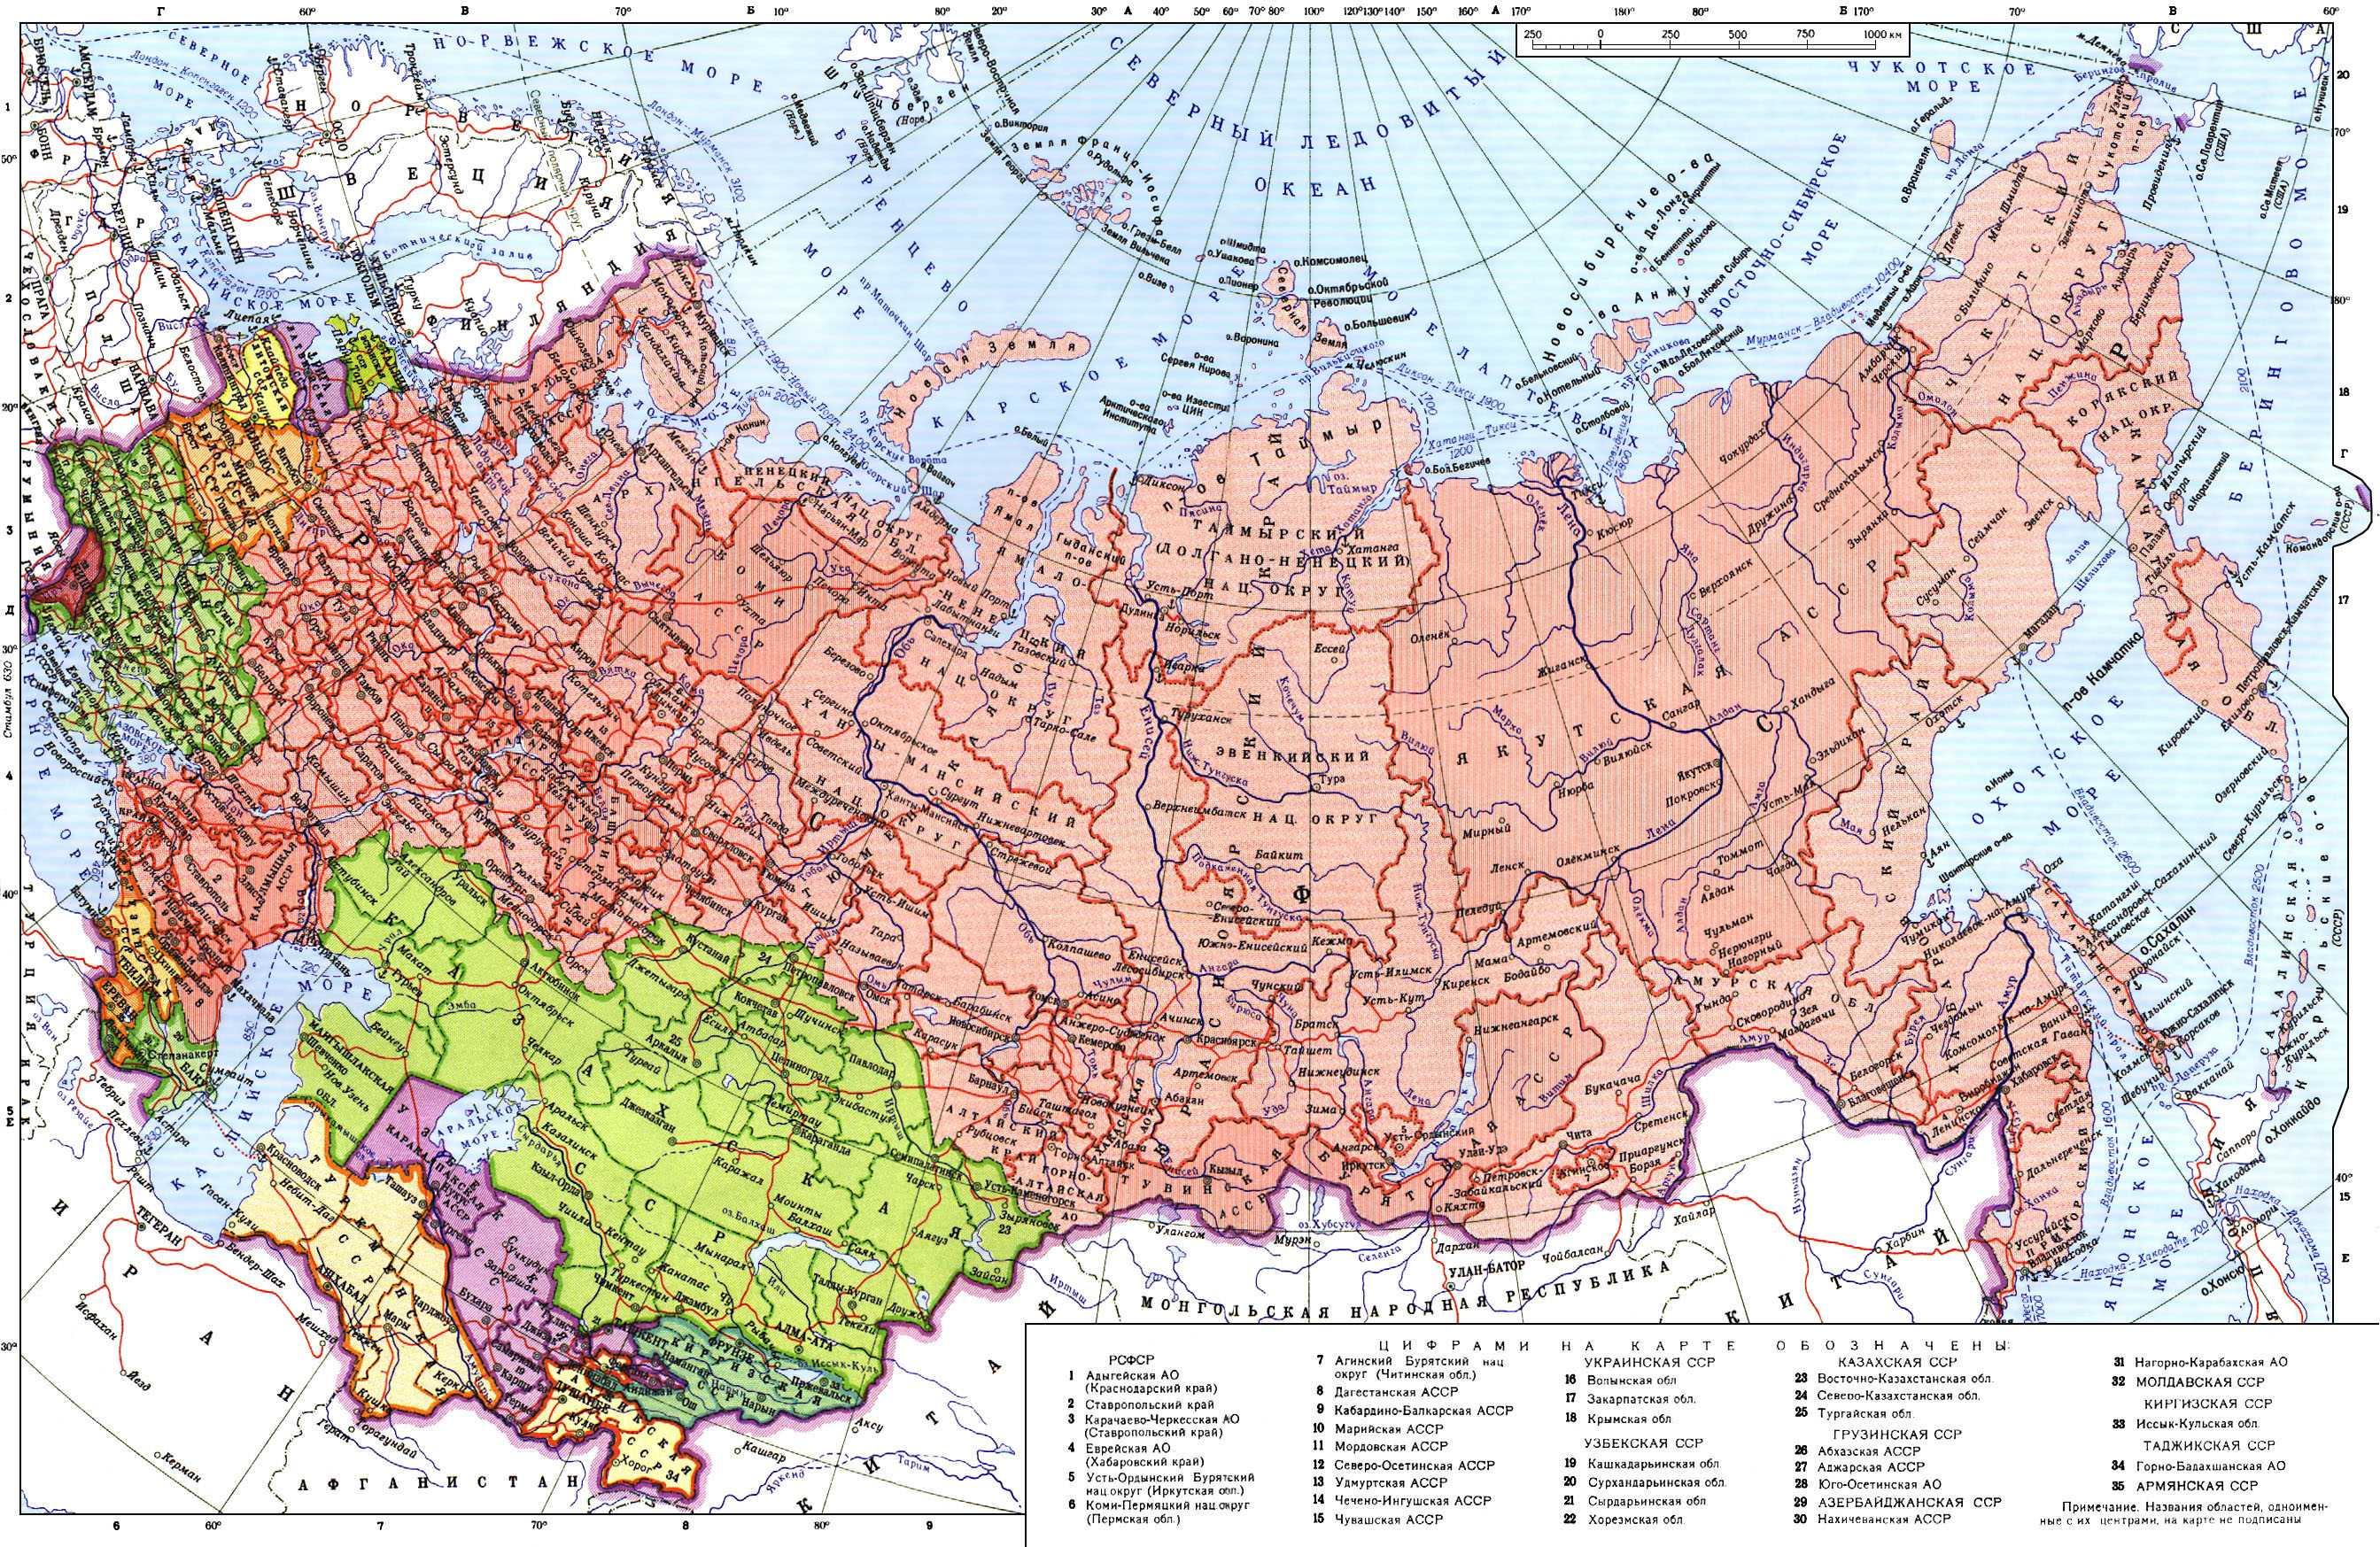 Re: киевская русь - украина - россия, кто от куда?